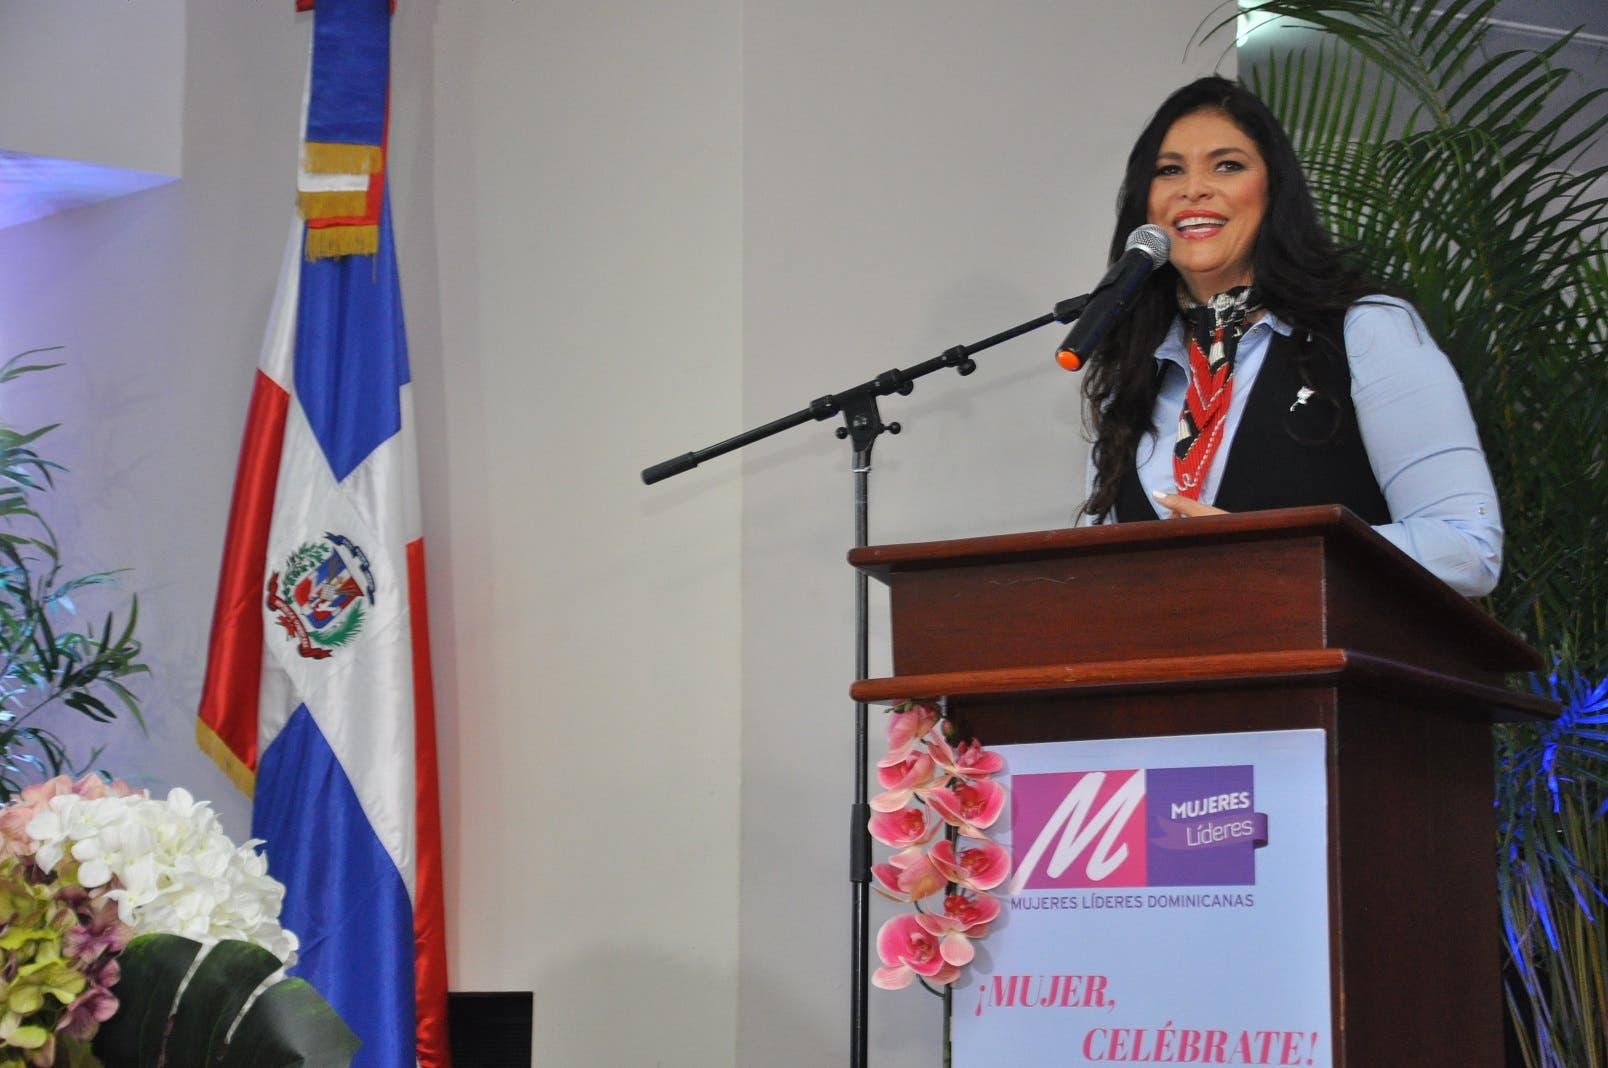 «Mujer celébrate», un acto de capacitación que busca redefinir el rol femenino en el país